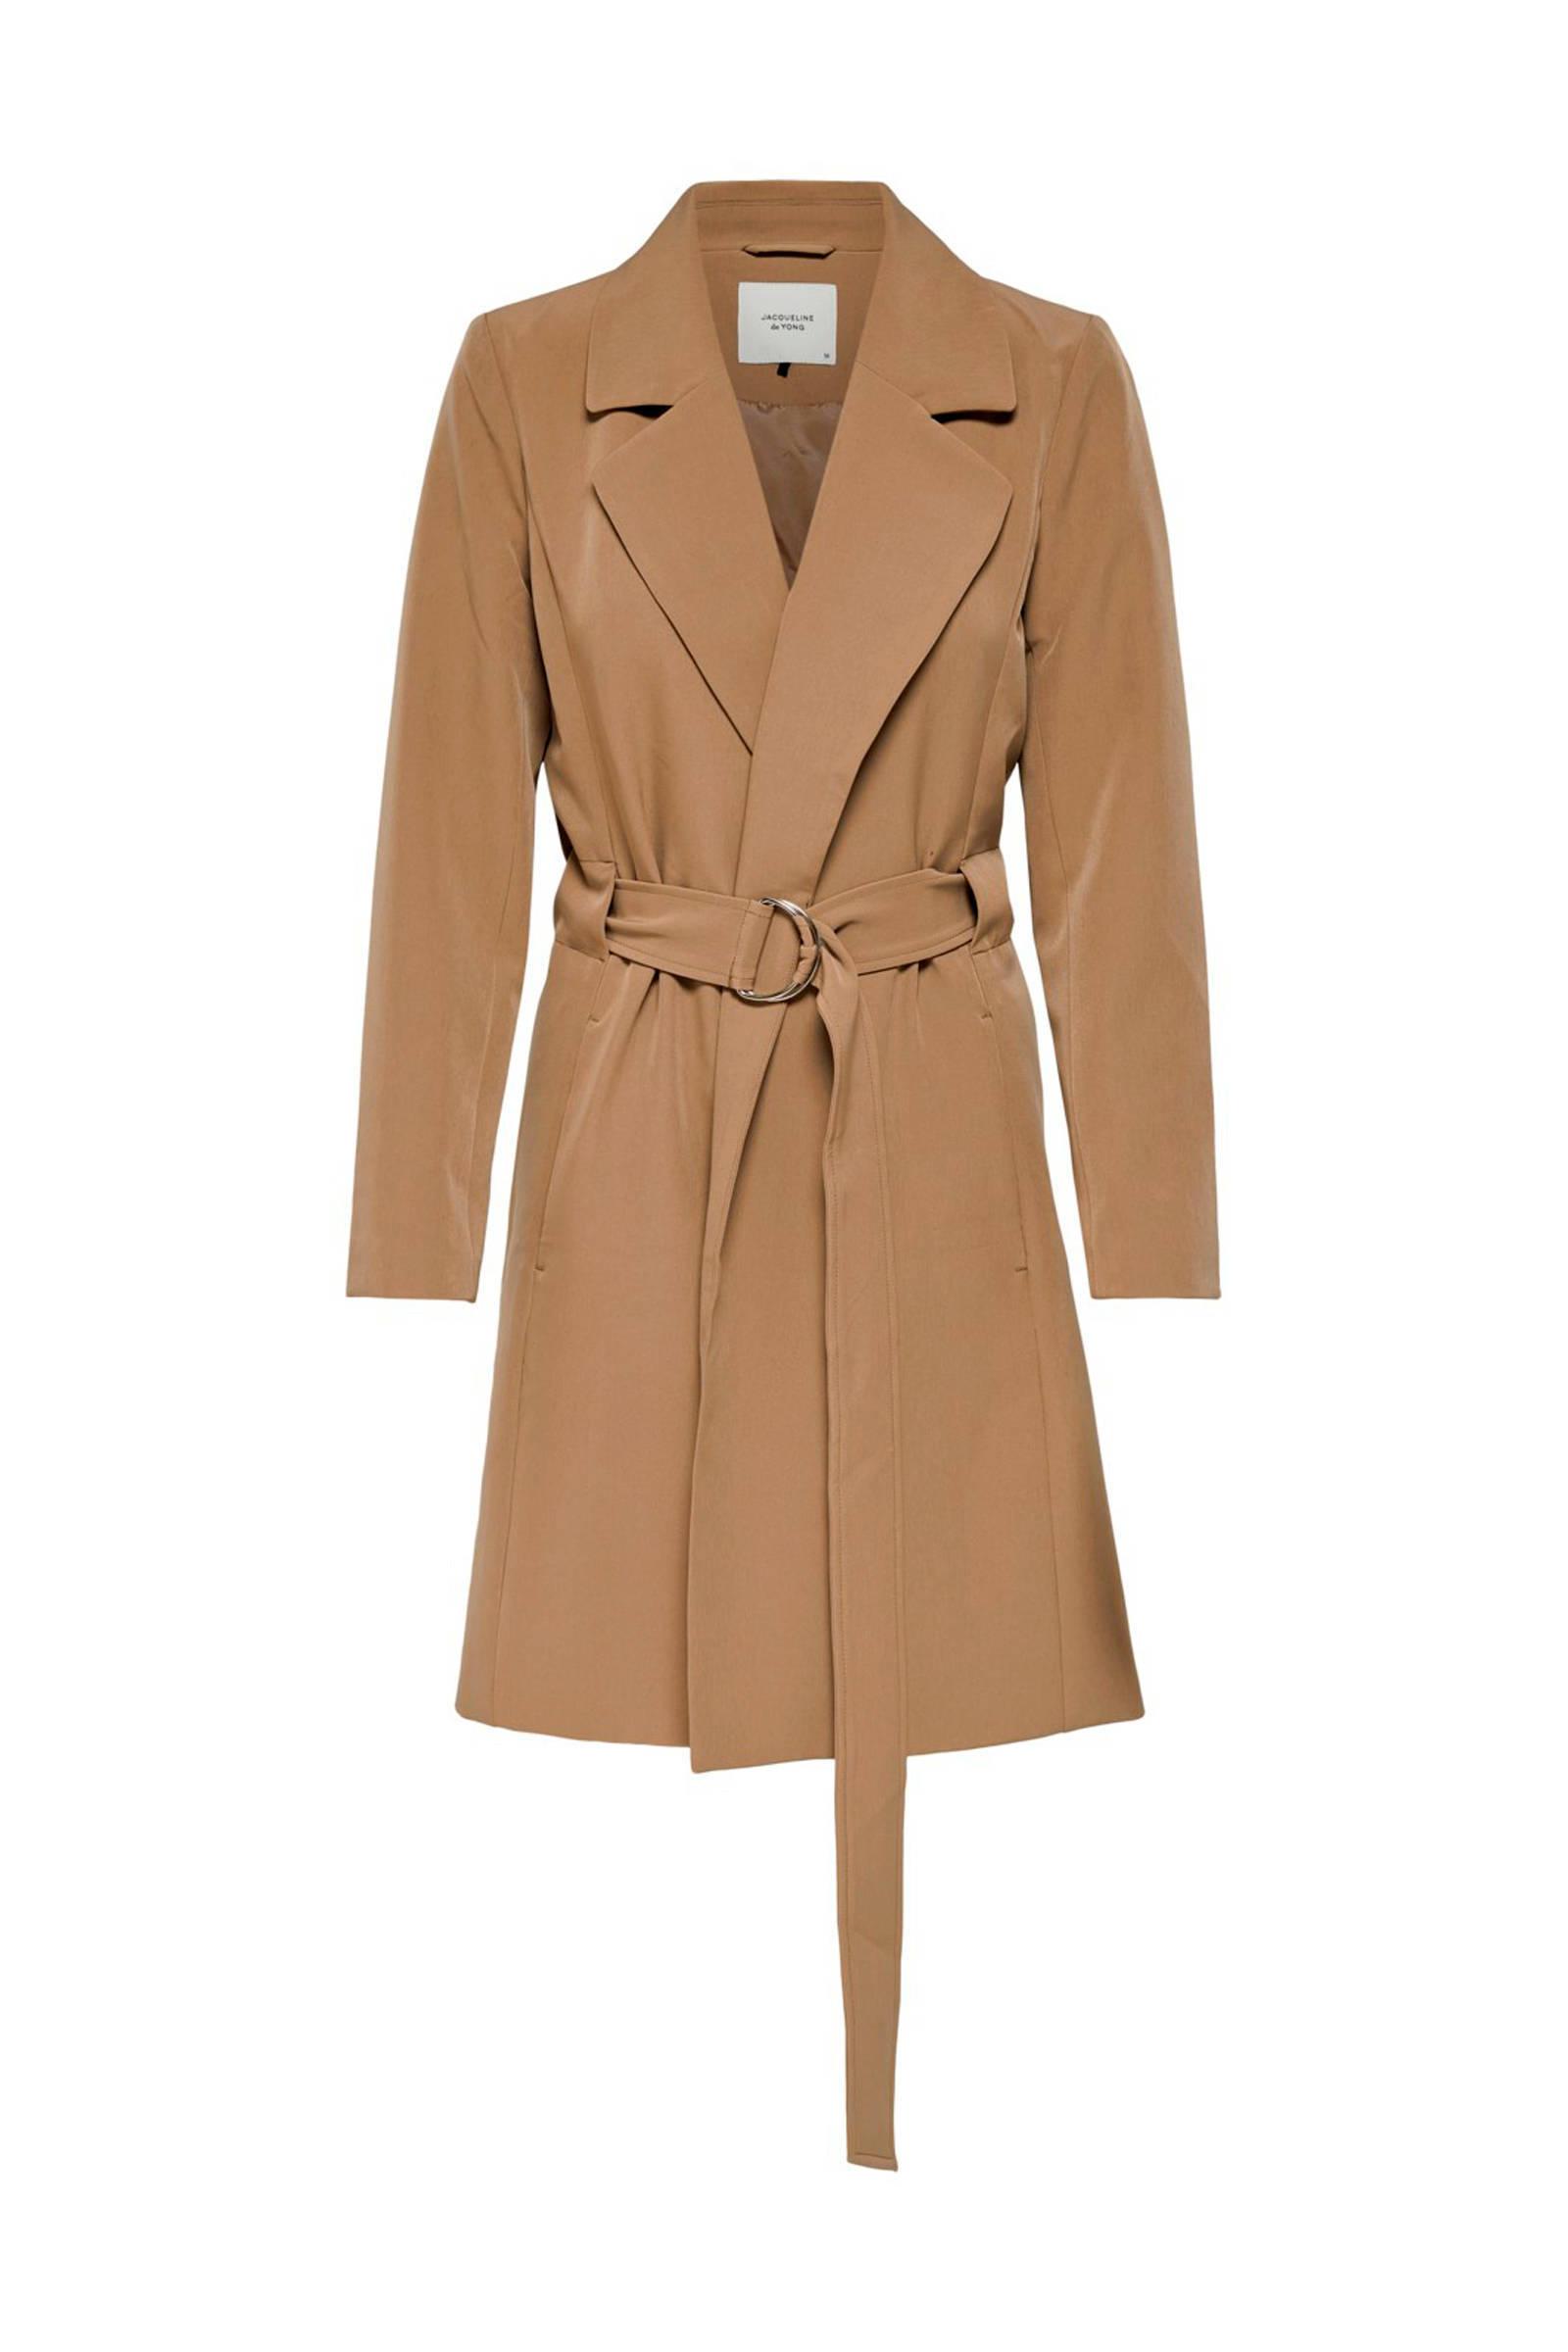 Sale: JACQUELINE DE YONG jassen voor dames kopen Vind jouw